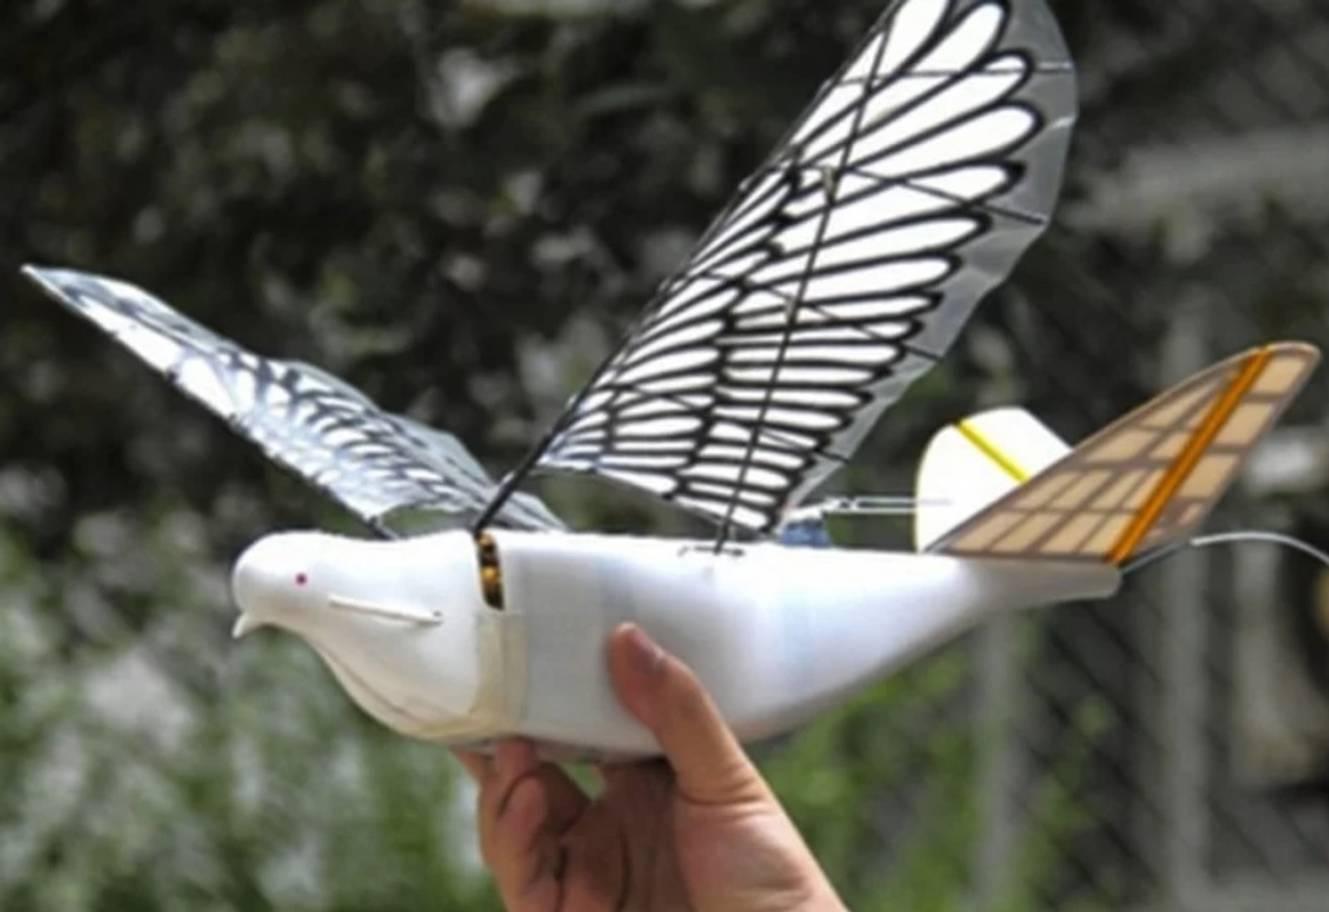 Des drones-pigeons pour espionner ses habitants